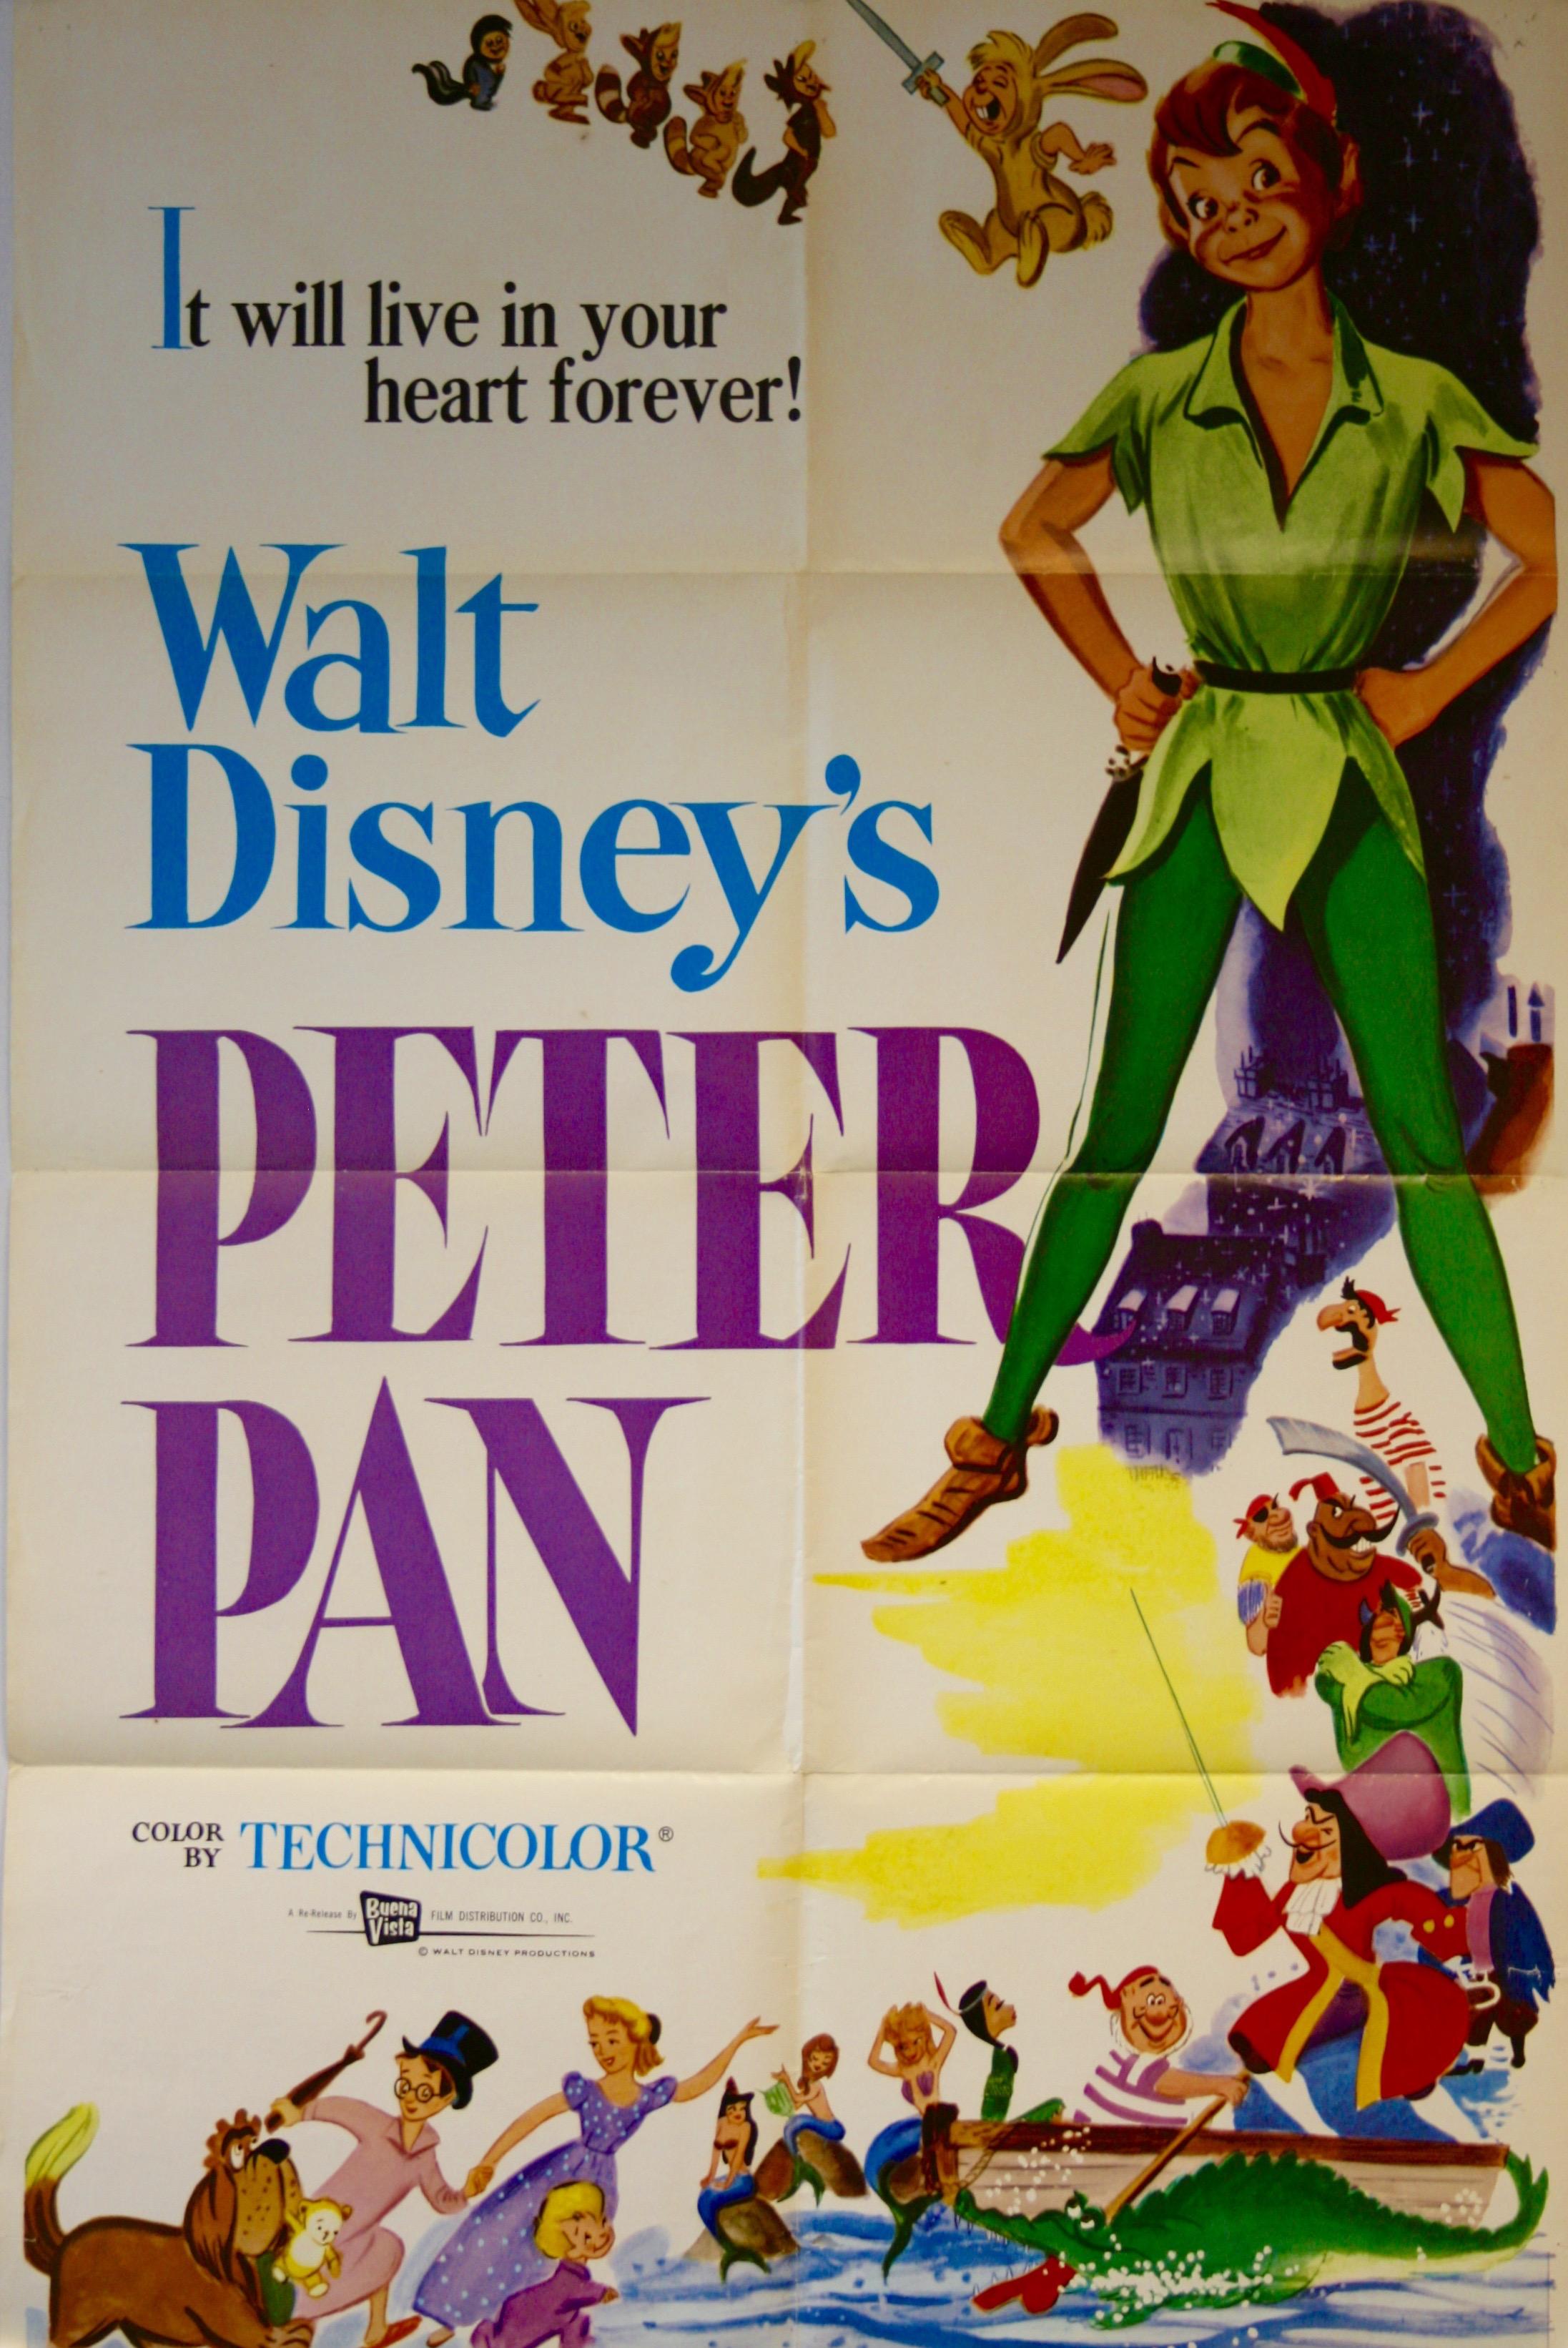 088a46283beb3 Peter Pan